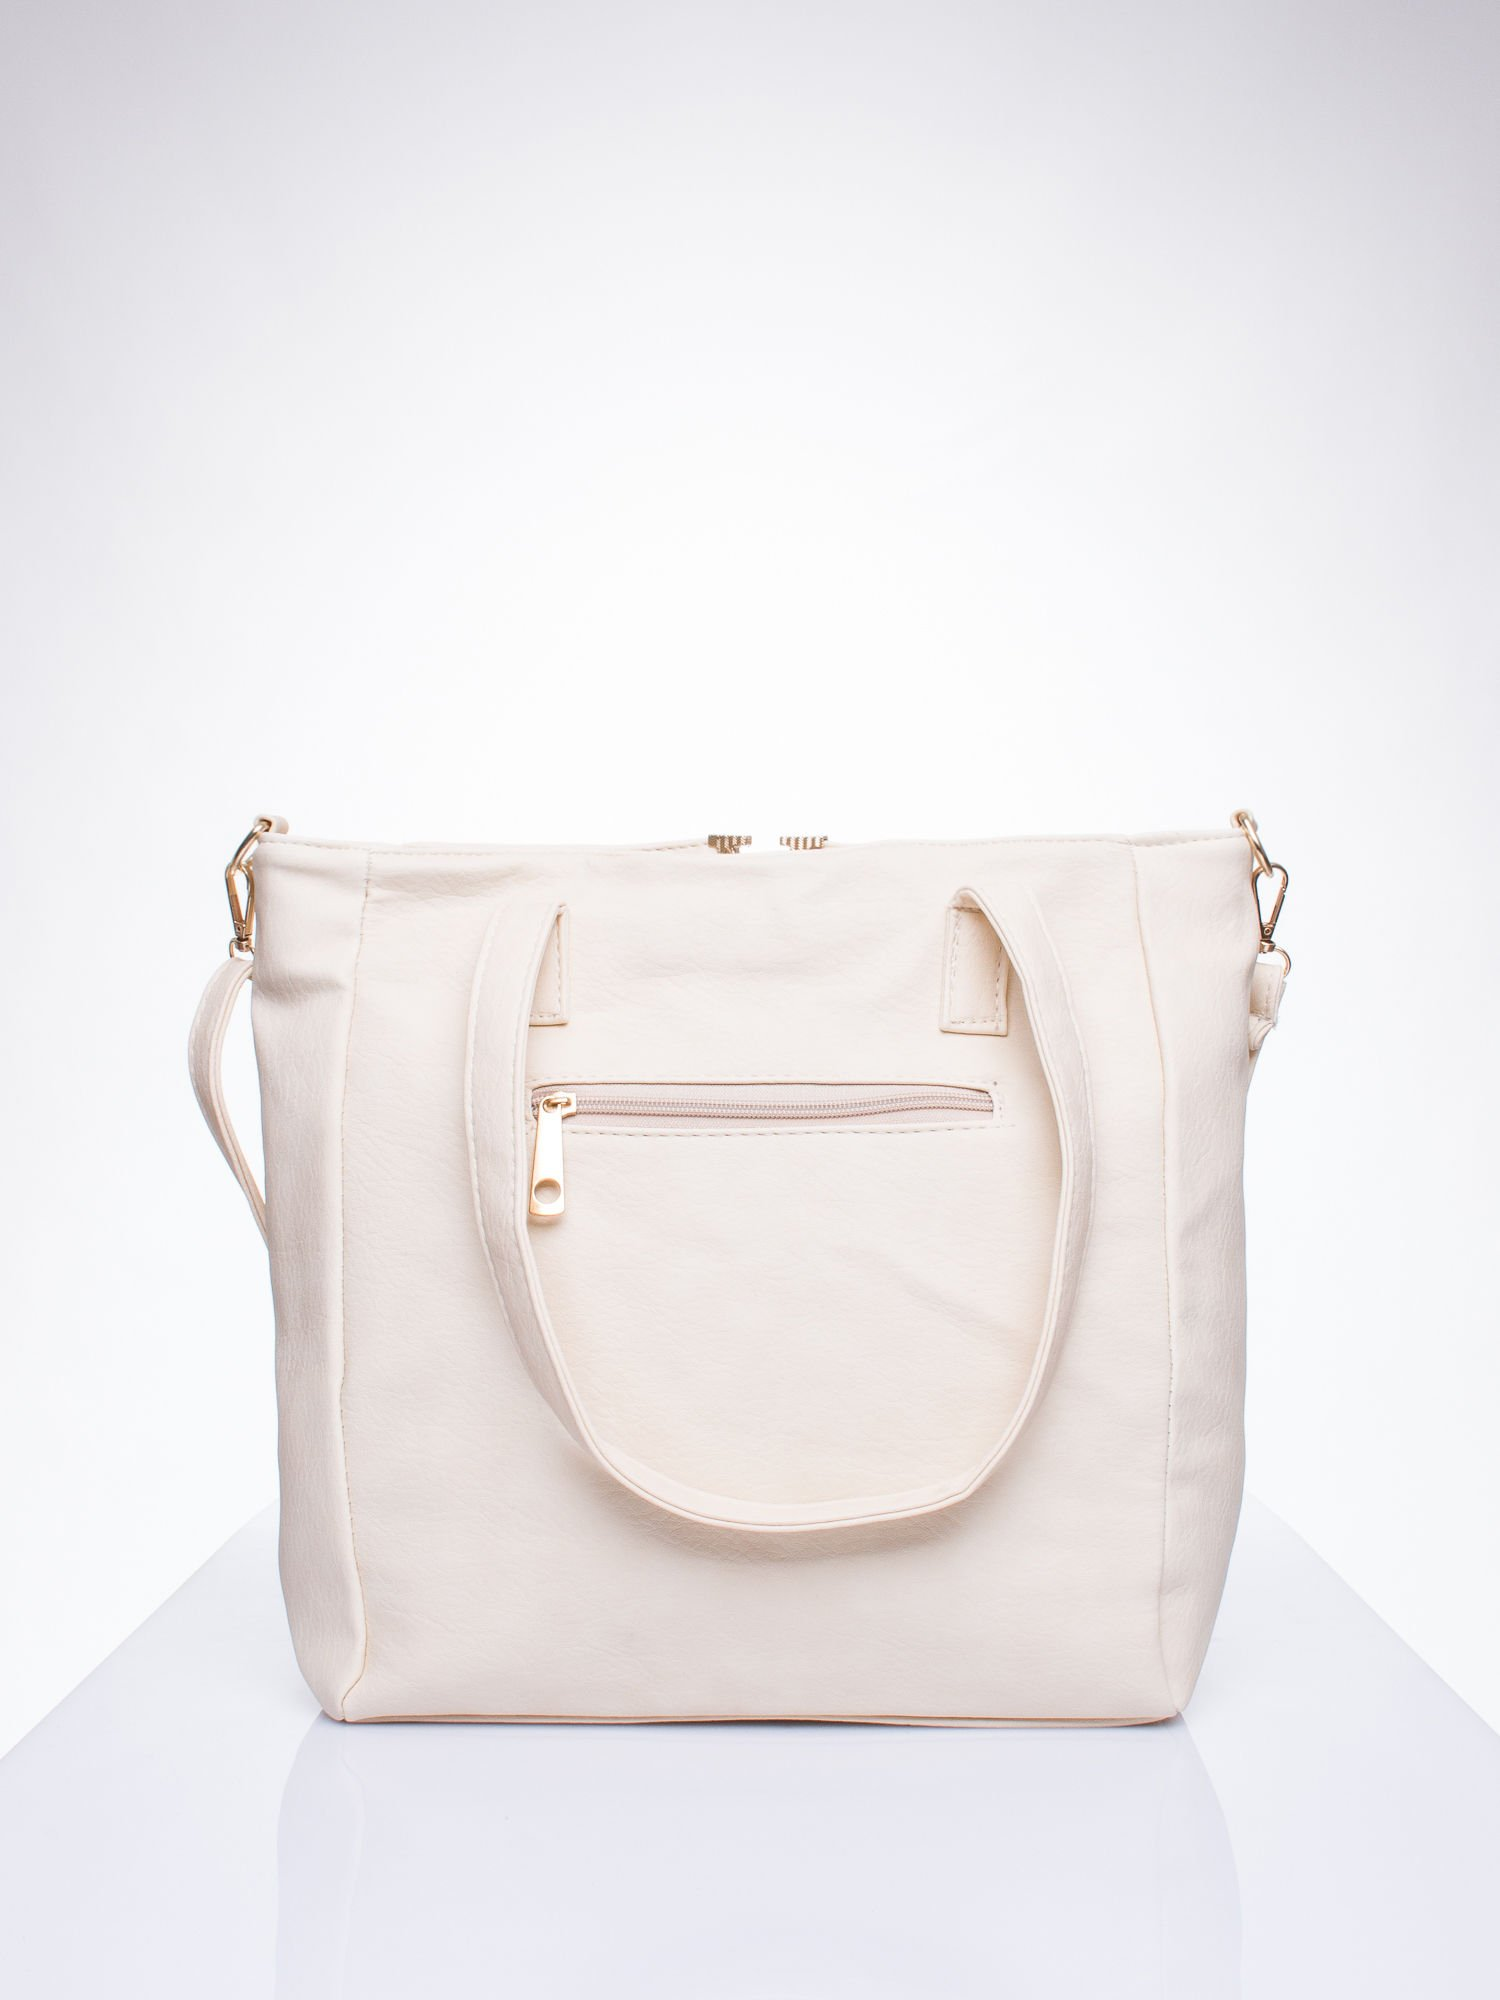 Kremowa torba shopper bag ze kieszeniami na klapki                                  zdj.                                  3